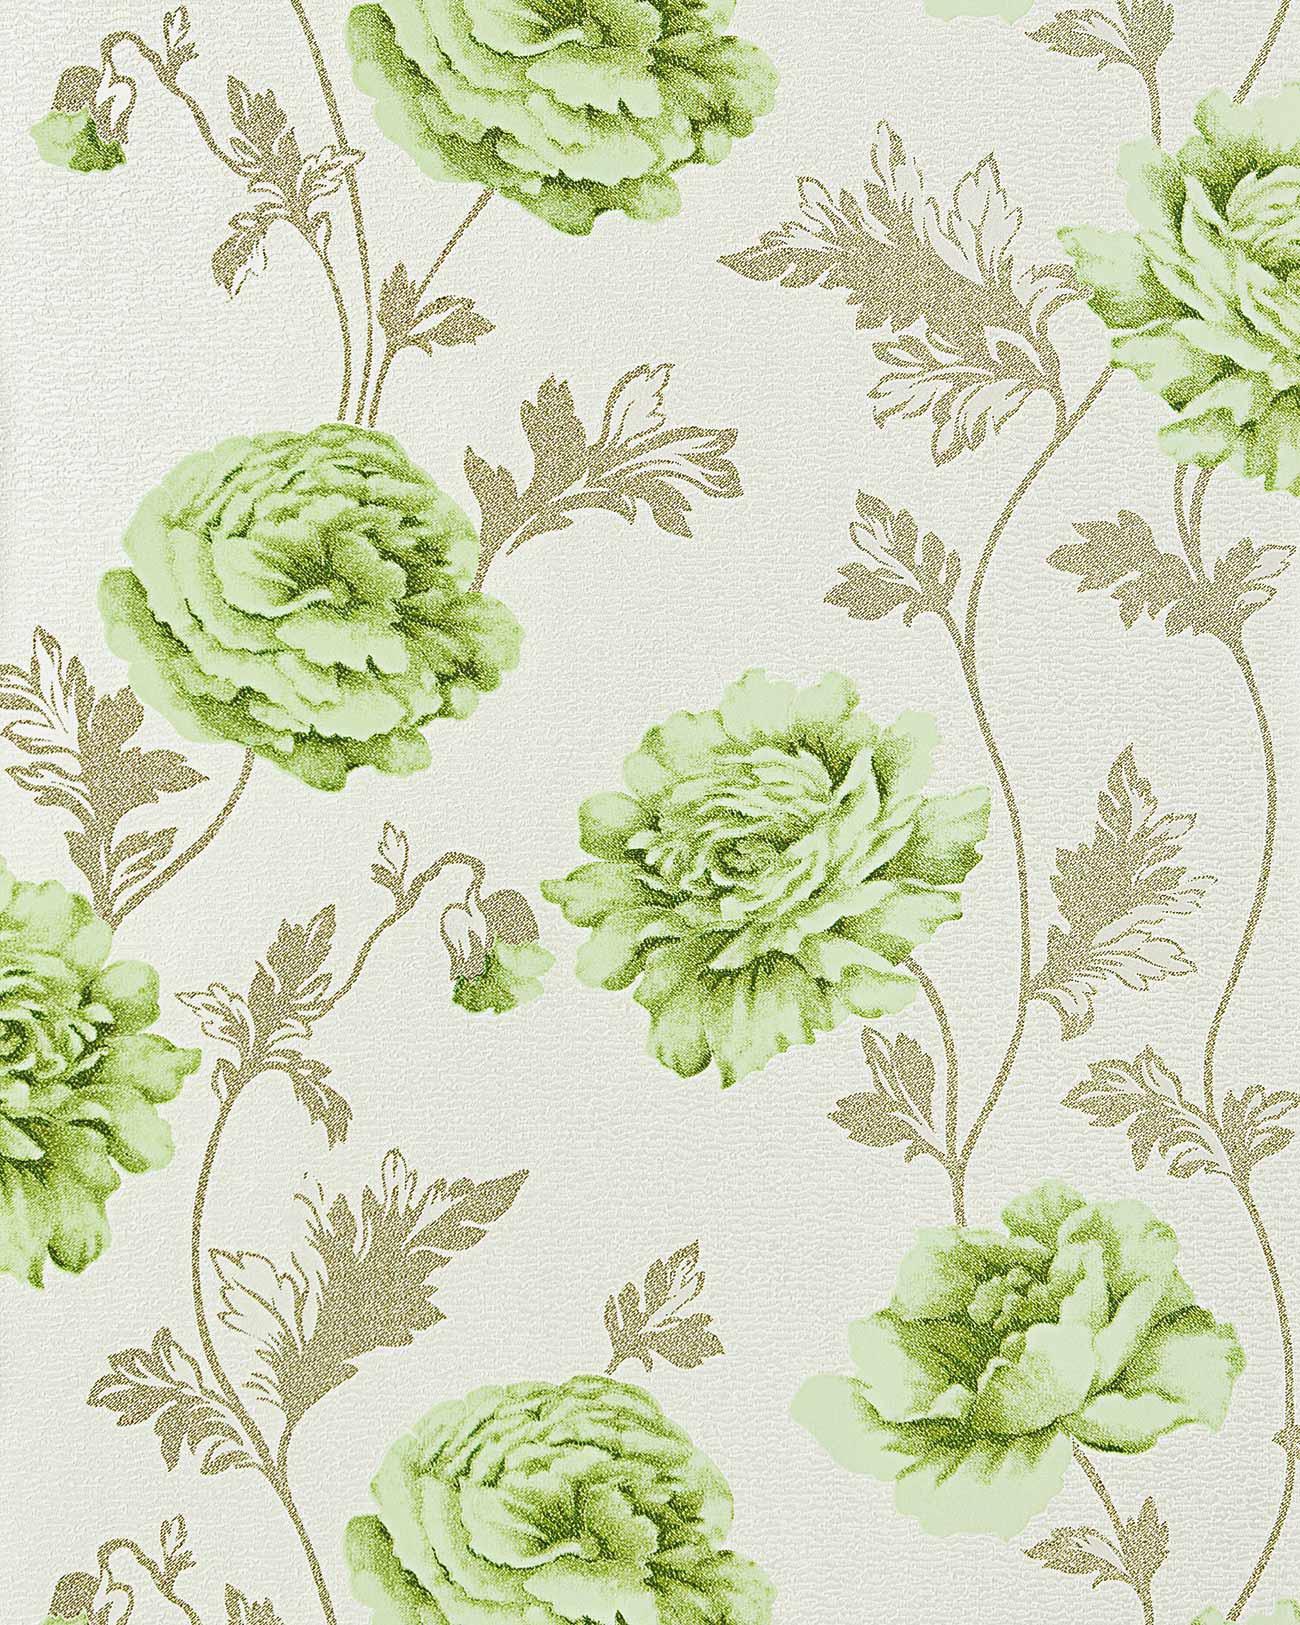 Bloemen behang landhuisstijl edem 086 25 romantiek behang for Structuur behang